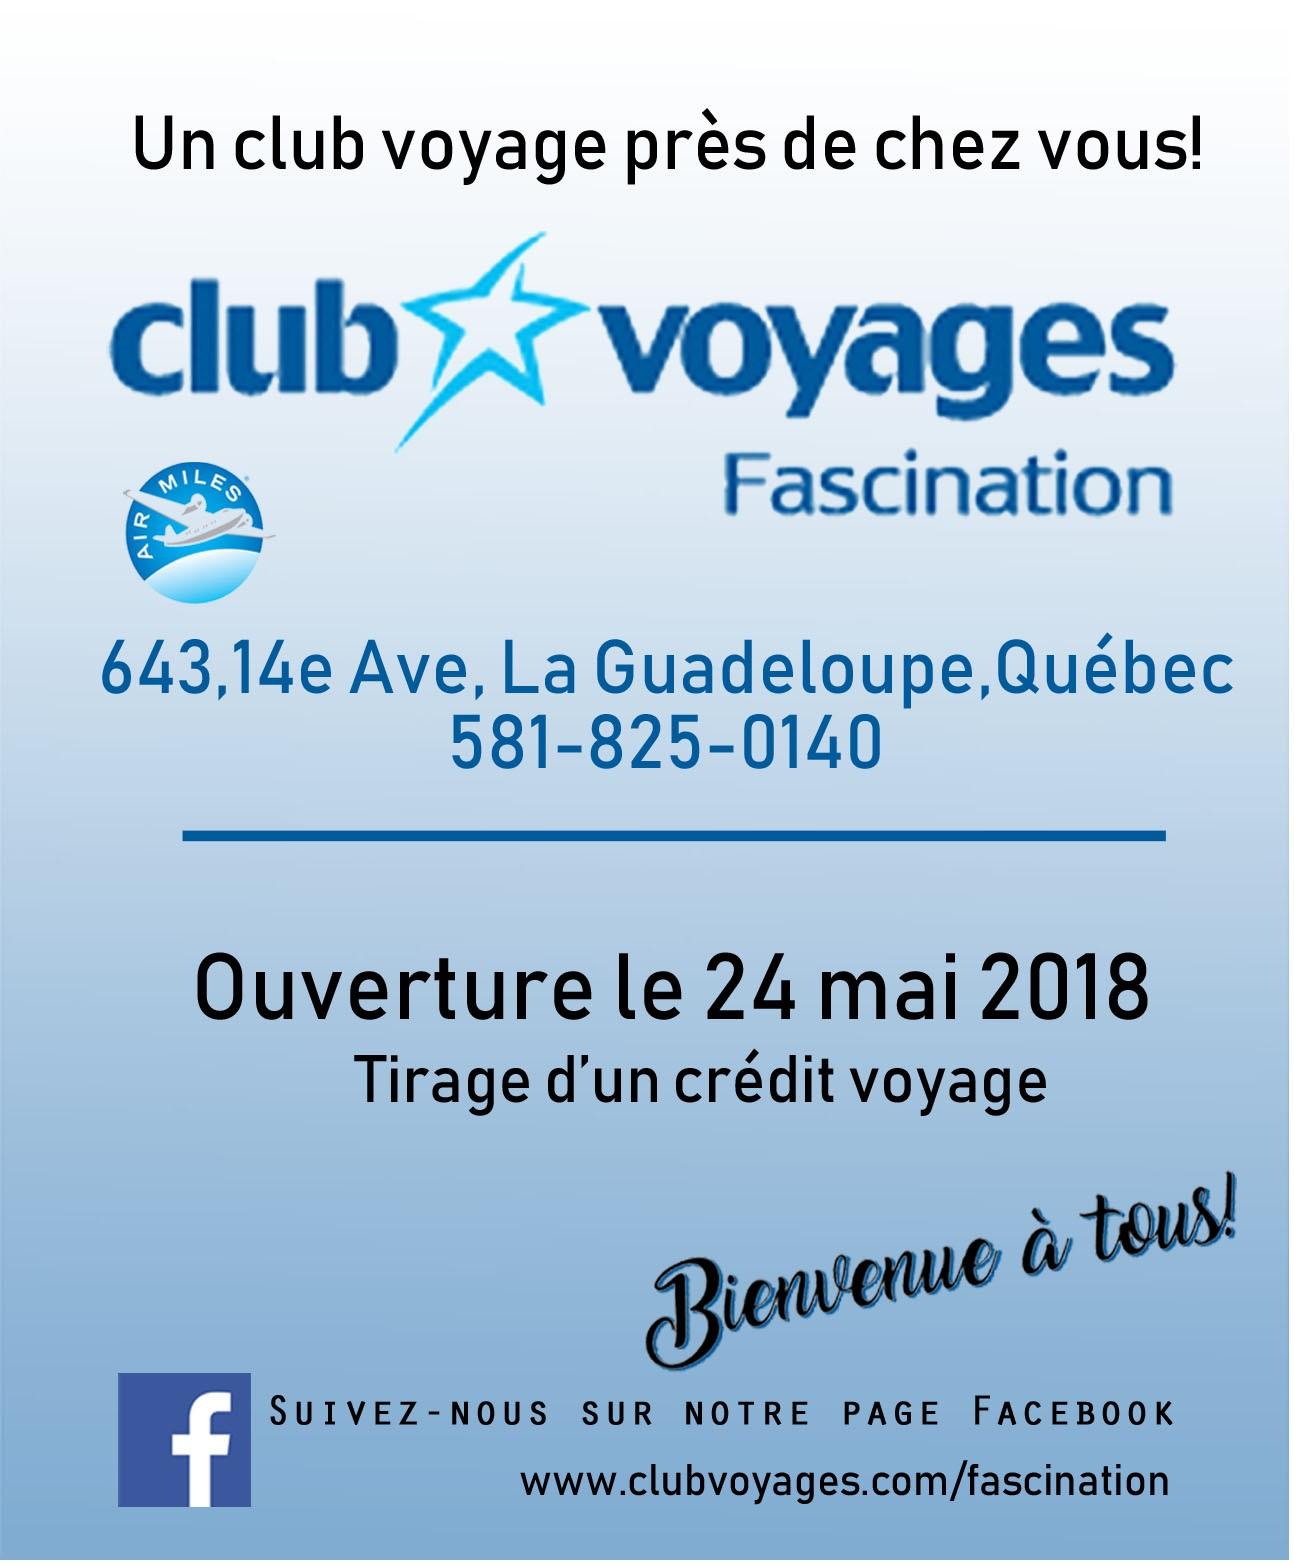 pub_voyage